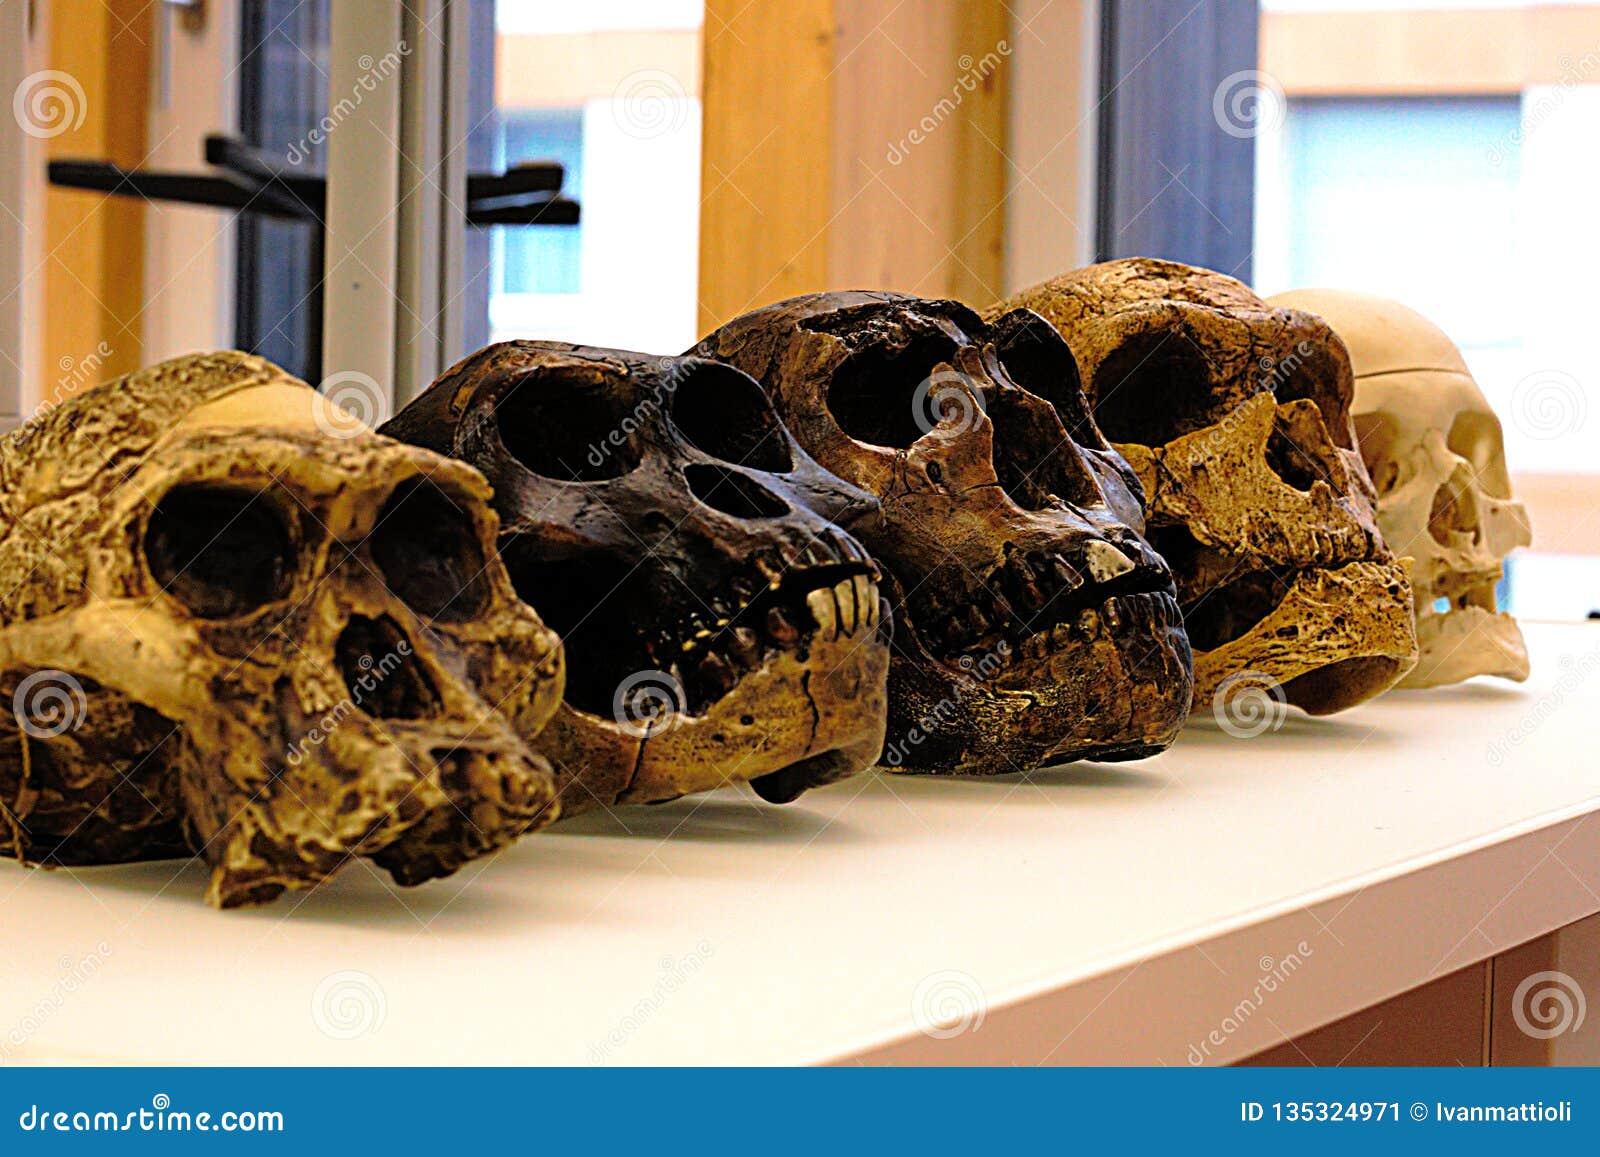 Collection de la reproduction de crâne des ancêtres humains - évolution humaine